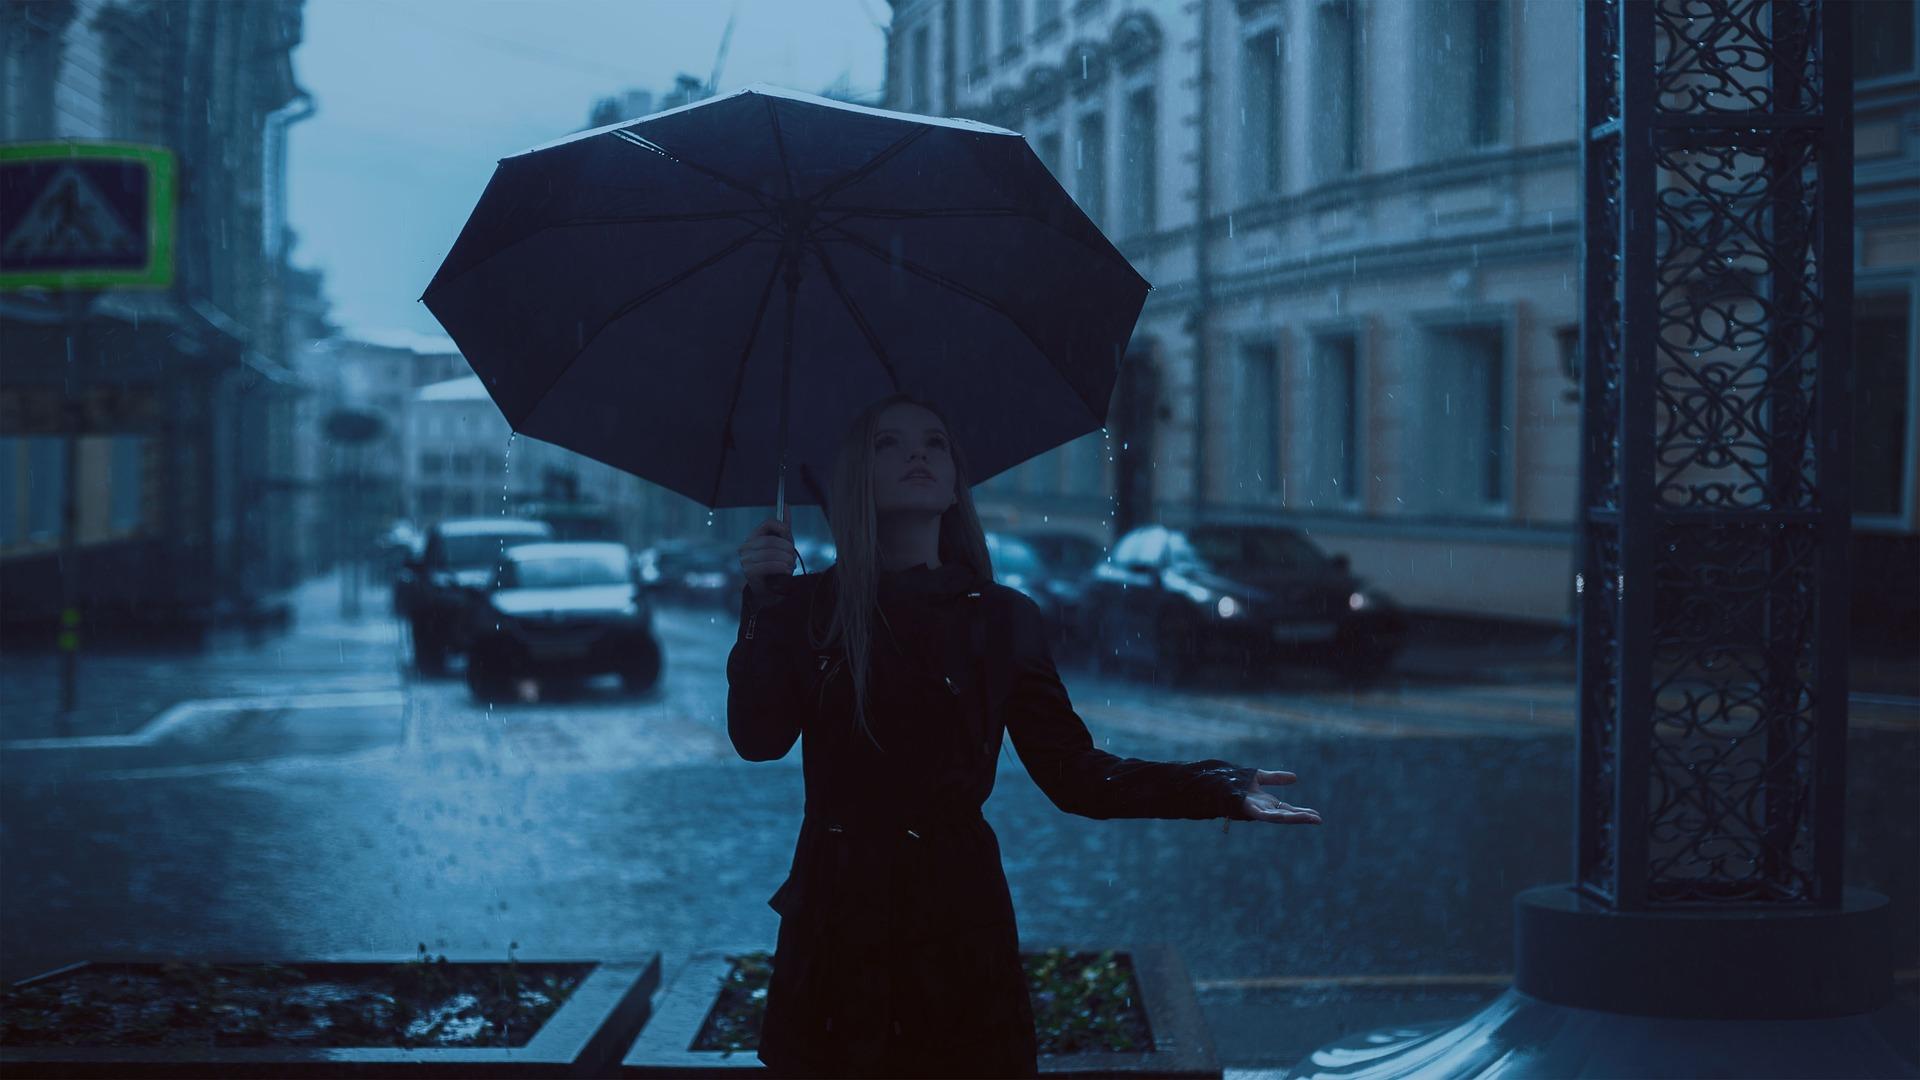 Parapluie demi golf